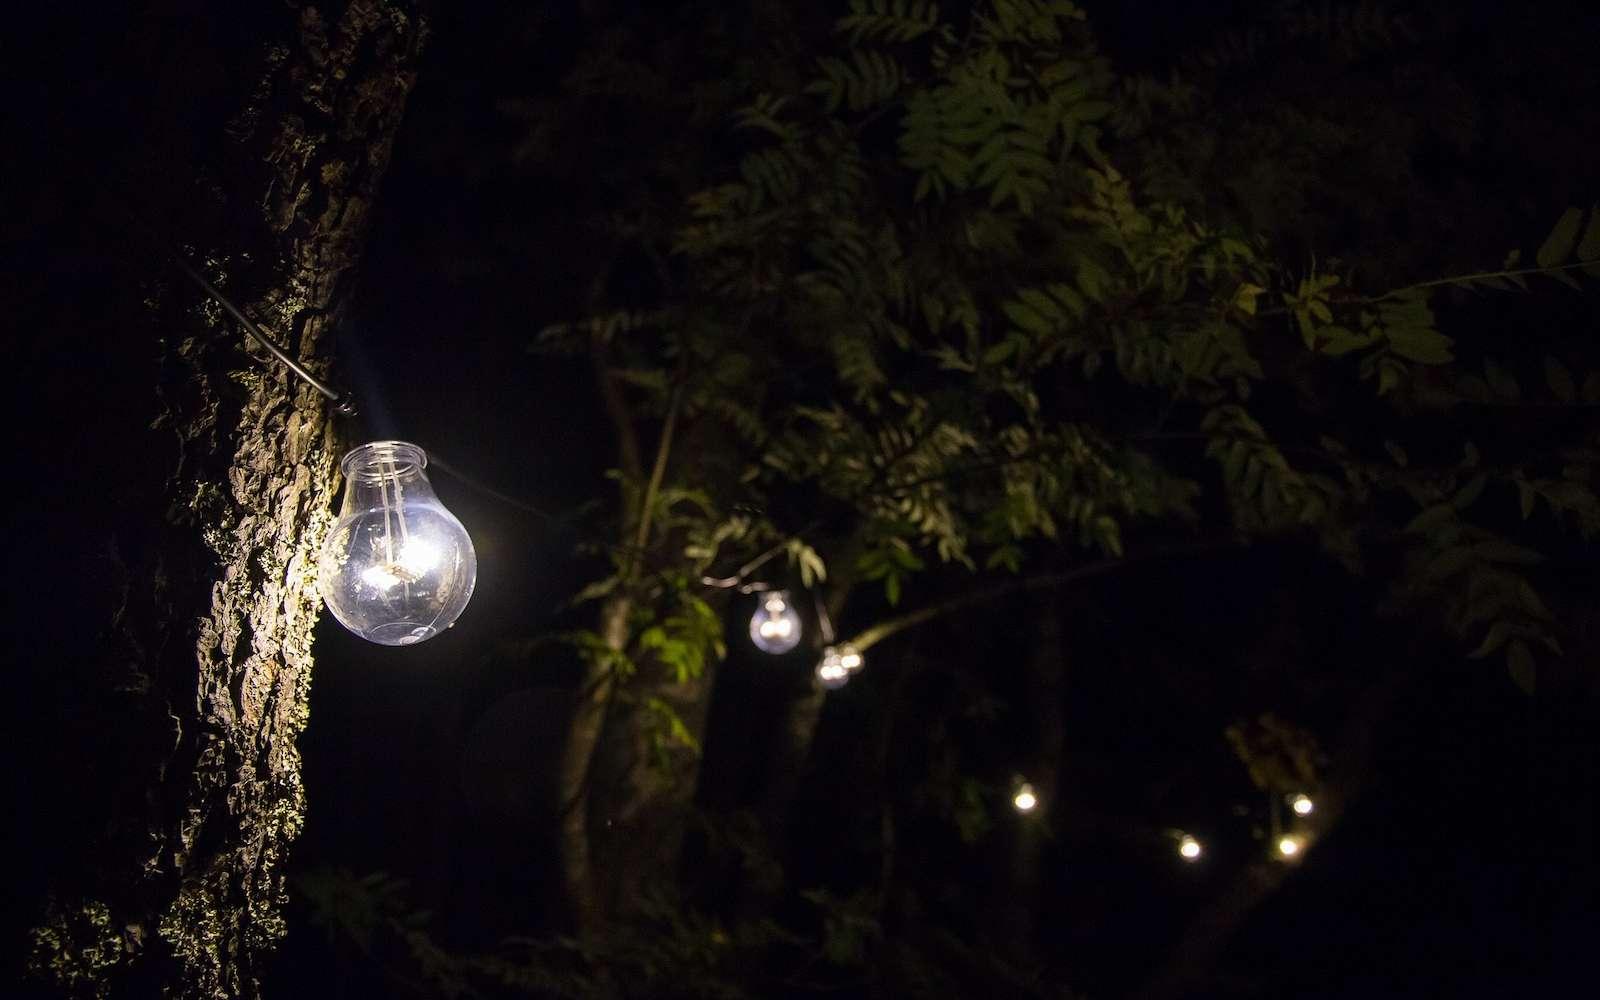 Dans un jardin ou même sur une piscine, l'ampoule LED offre un éclairage doux ou puissant selon les besoins. © kostiolavi, pixabay